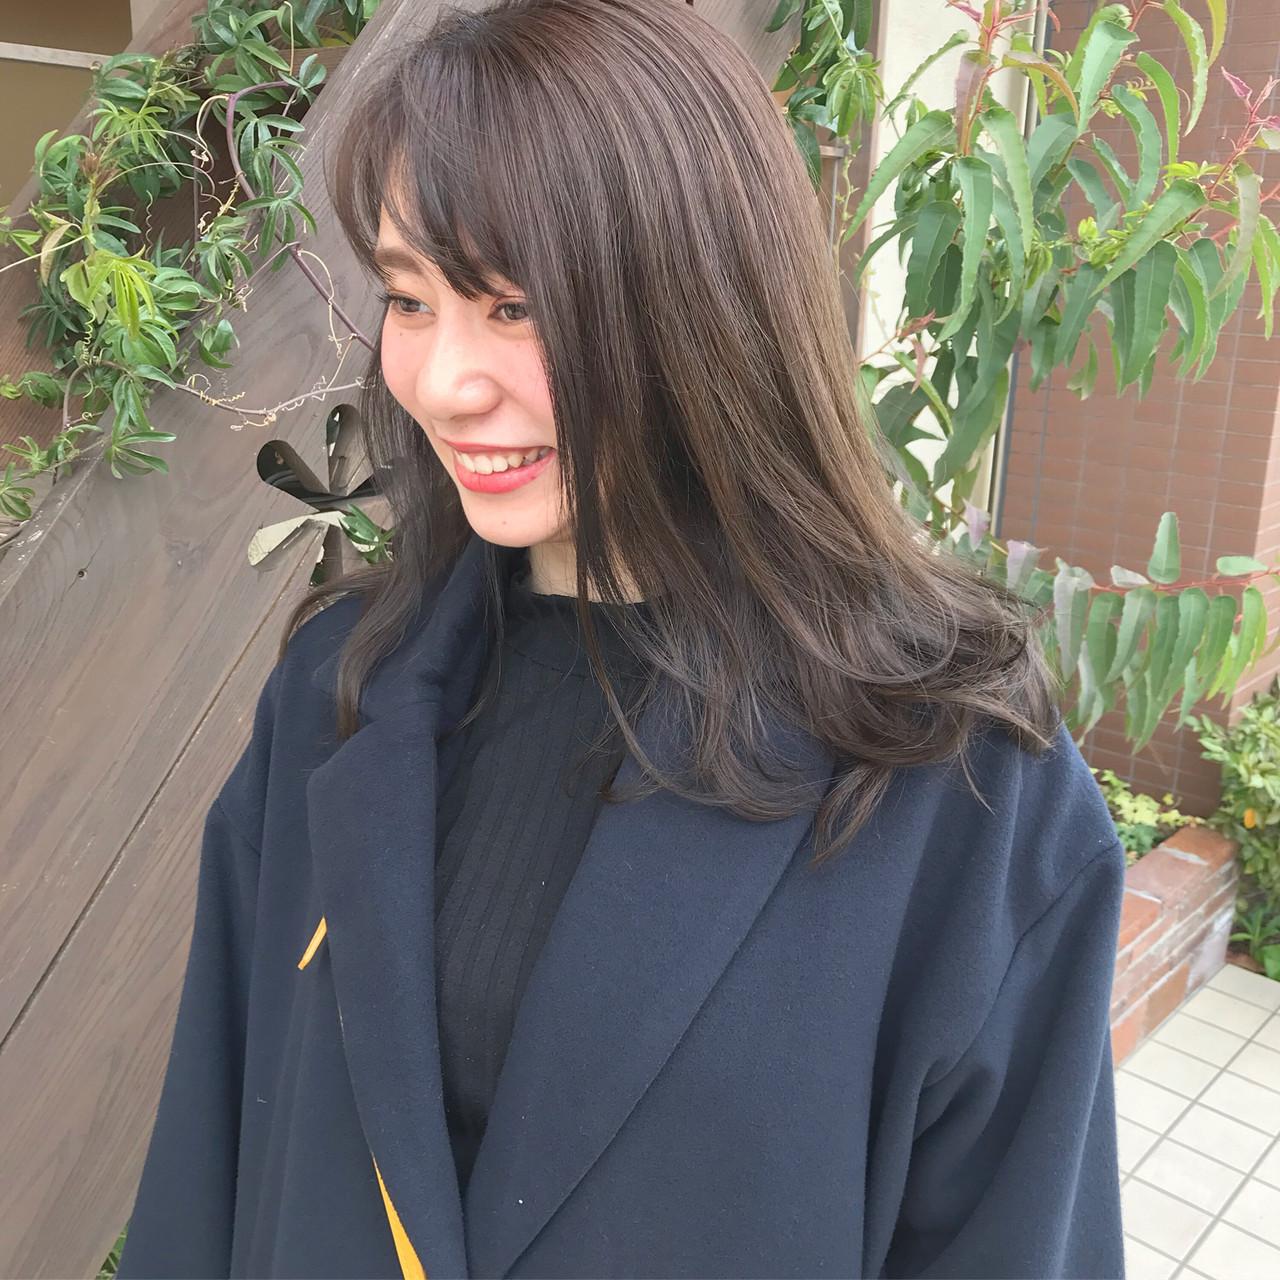 アッシュベージュ アッシュグレージュ ハイライト アッシュ ヘアスタイルや髪型の写真・画像 | Nakamura Mari / rocca